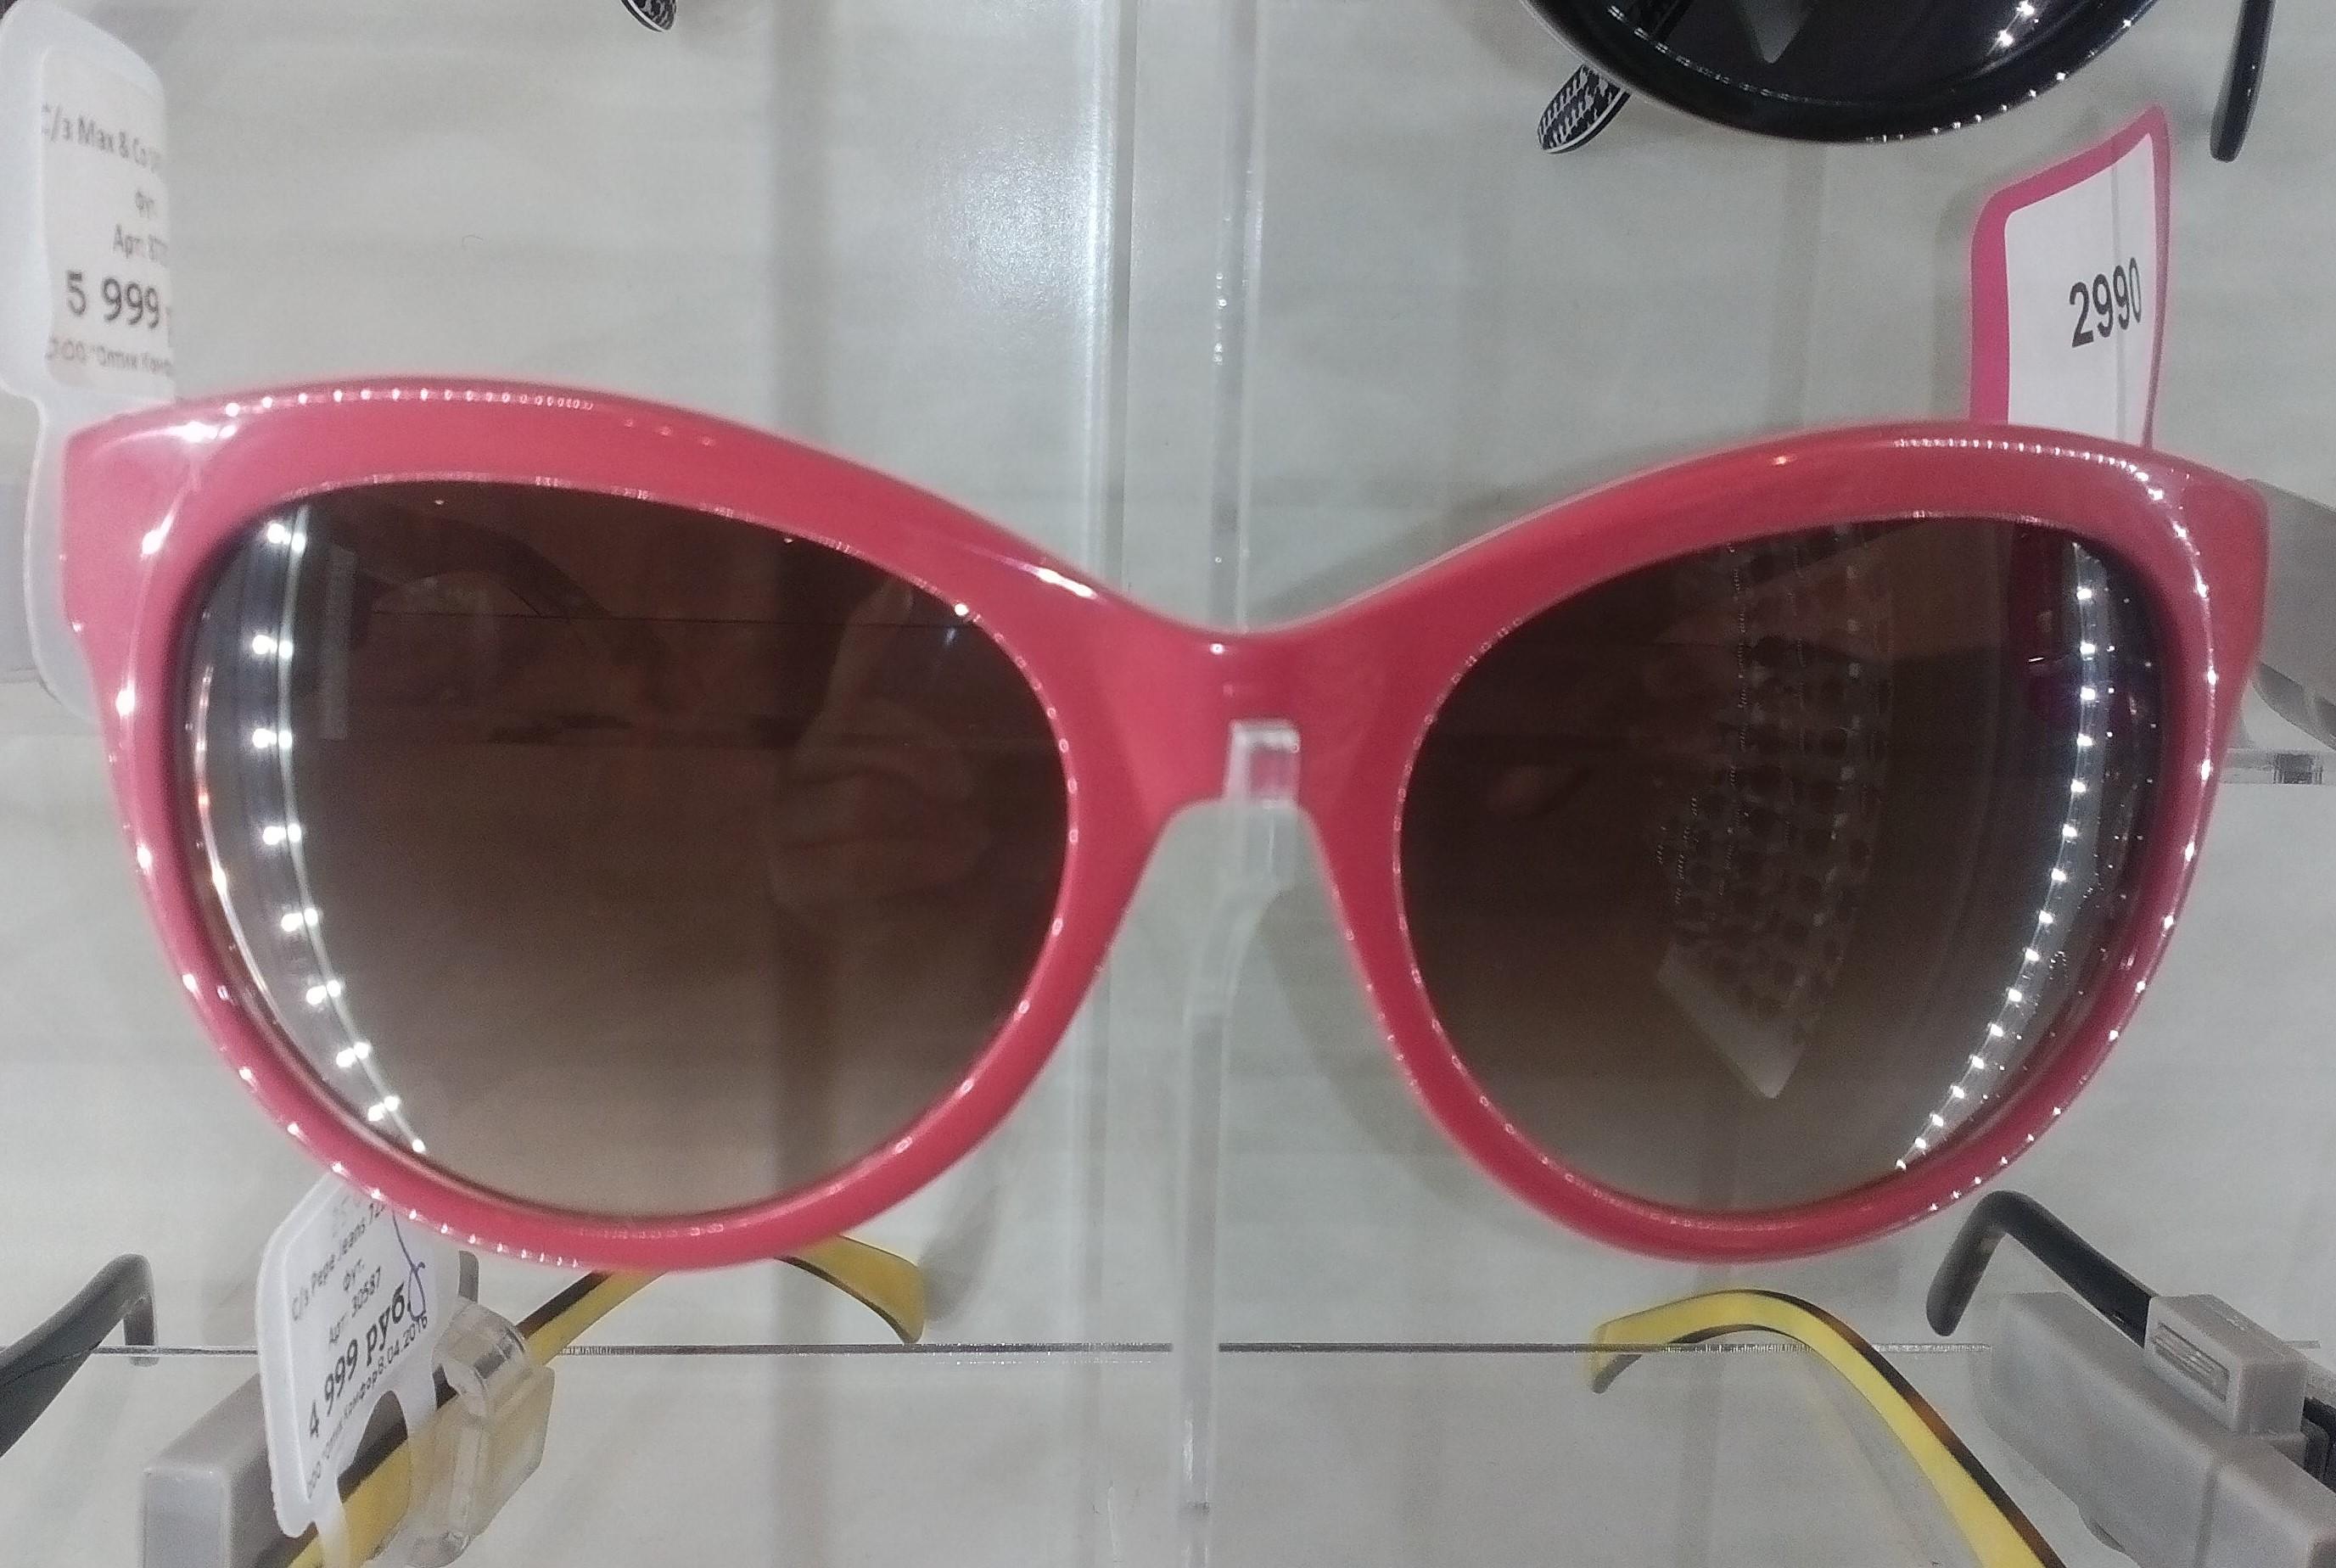 Куплю очки гуглес в сыктывкар купить виртуальные очки для диджиай в волжский